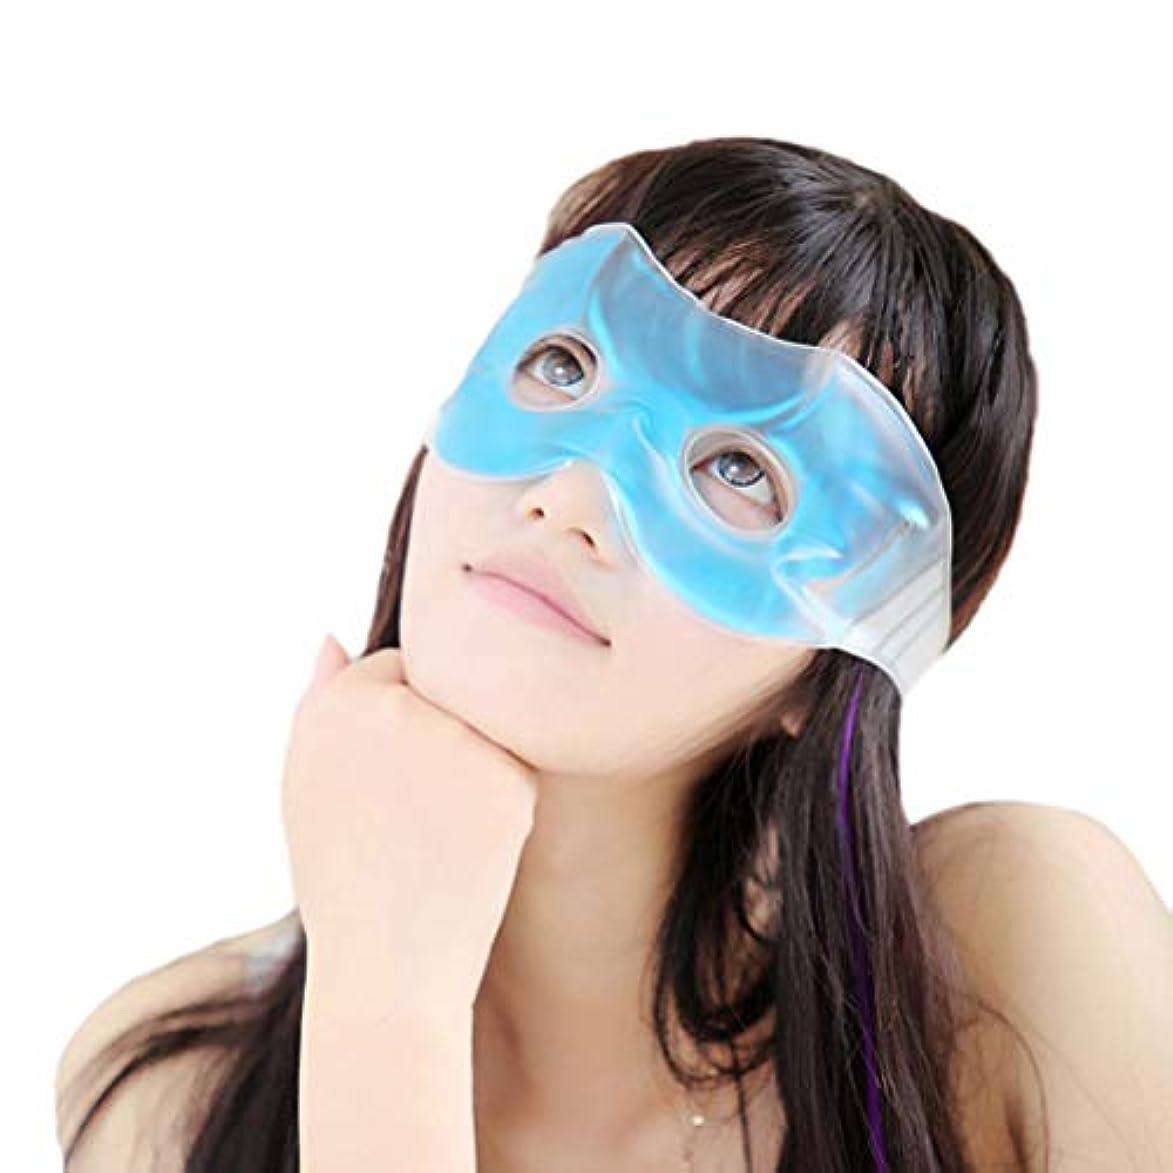 色把握ヒューズHealifty アイマスク ゲル アイスパッド アイスアイマスク 目隠し リラックス 冷却 パック 再使用可能 目の疲れ軽減 安眠 血行促進